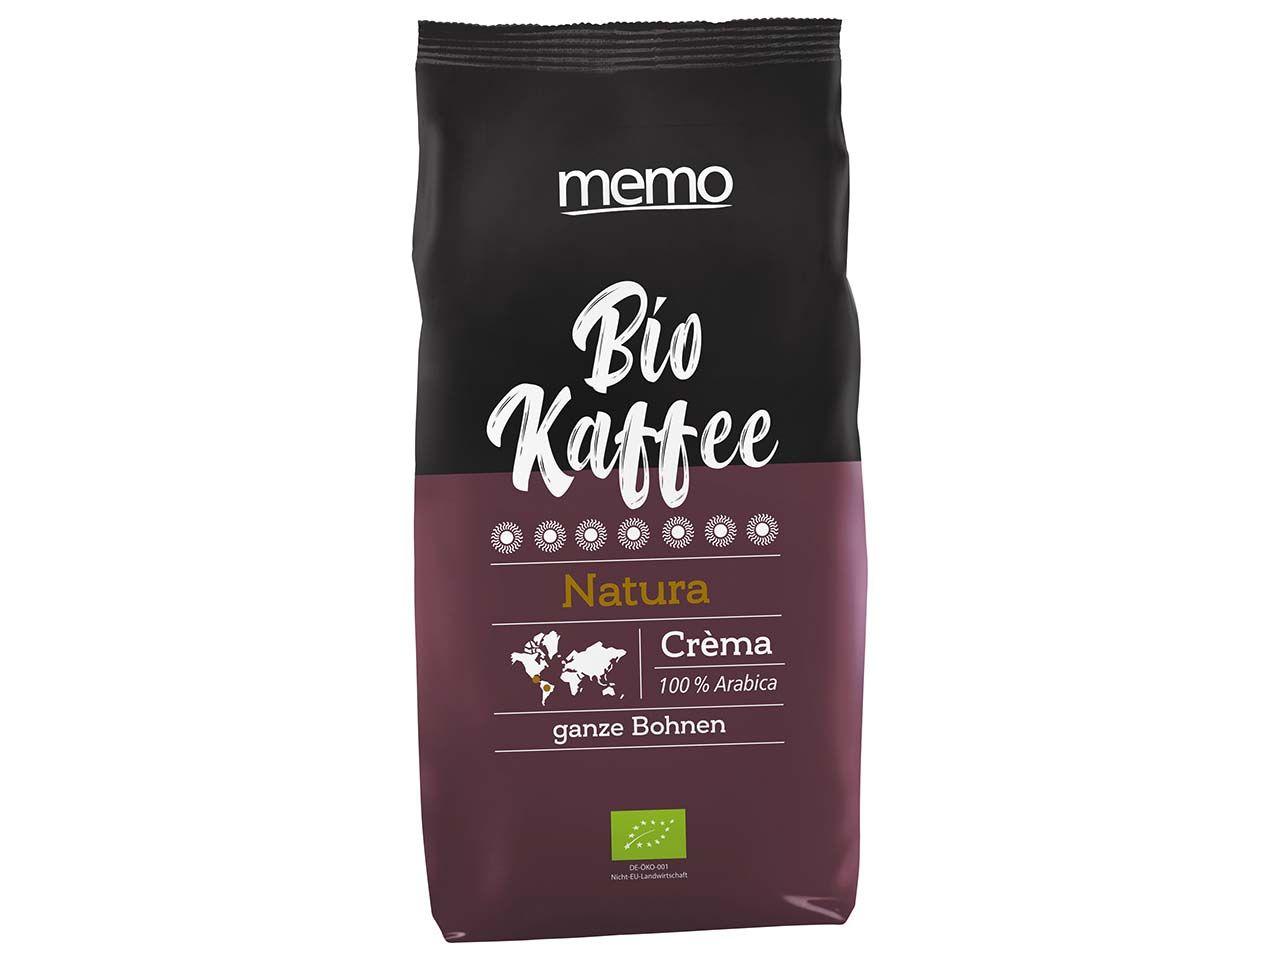 memo Bio-Kaffee Crema